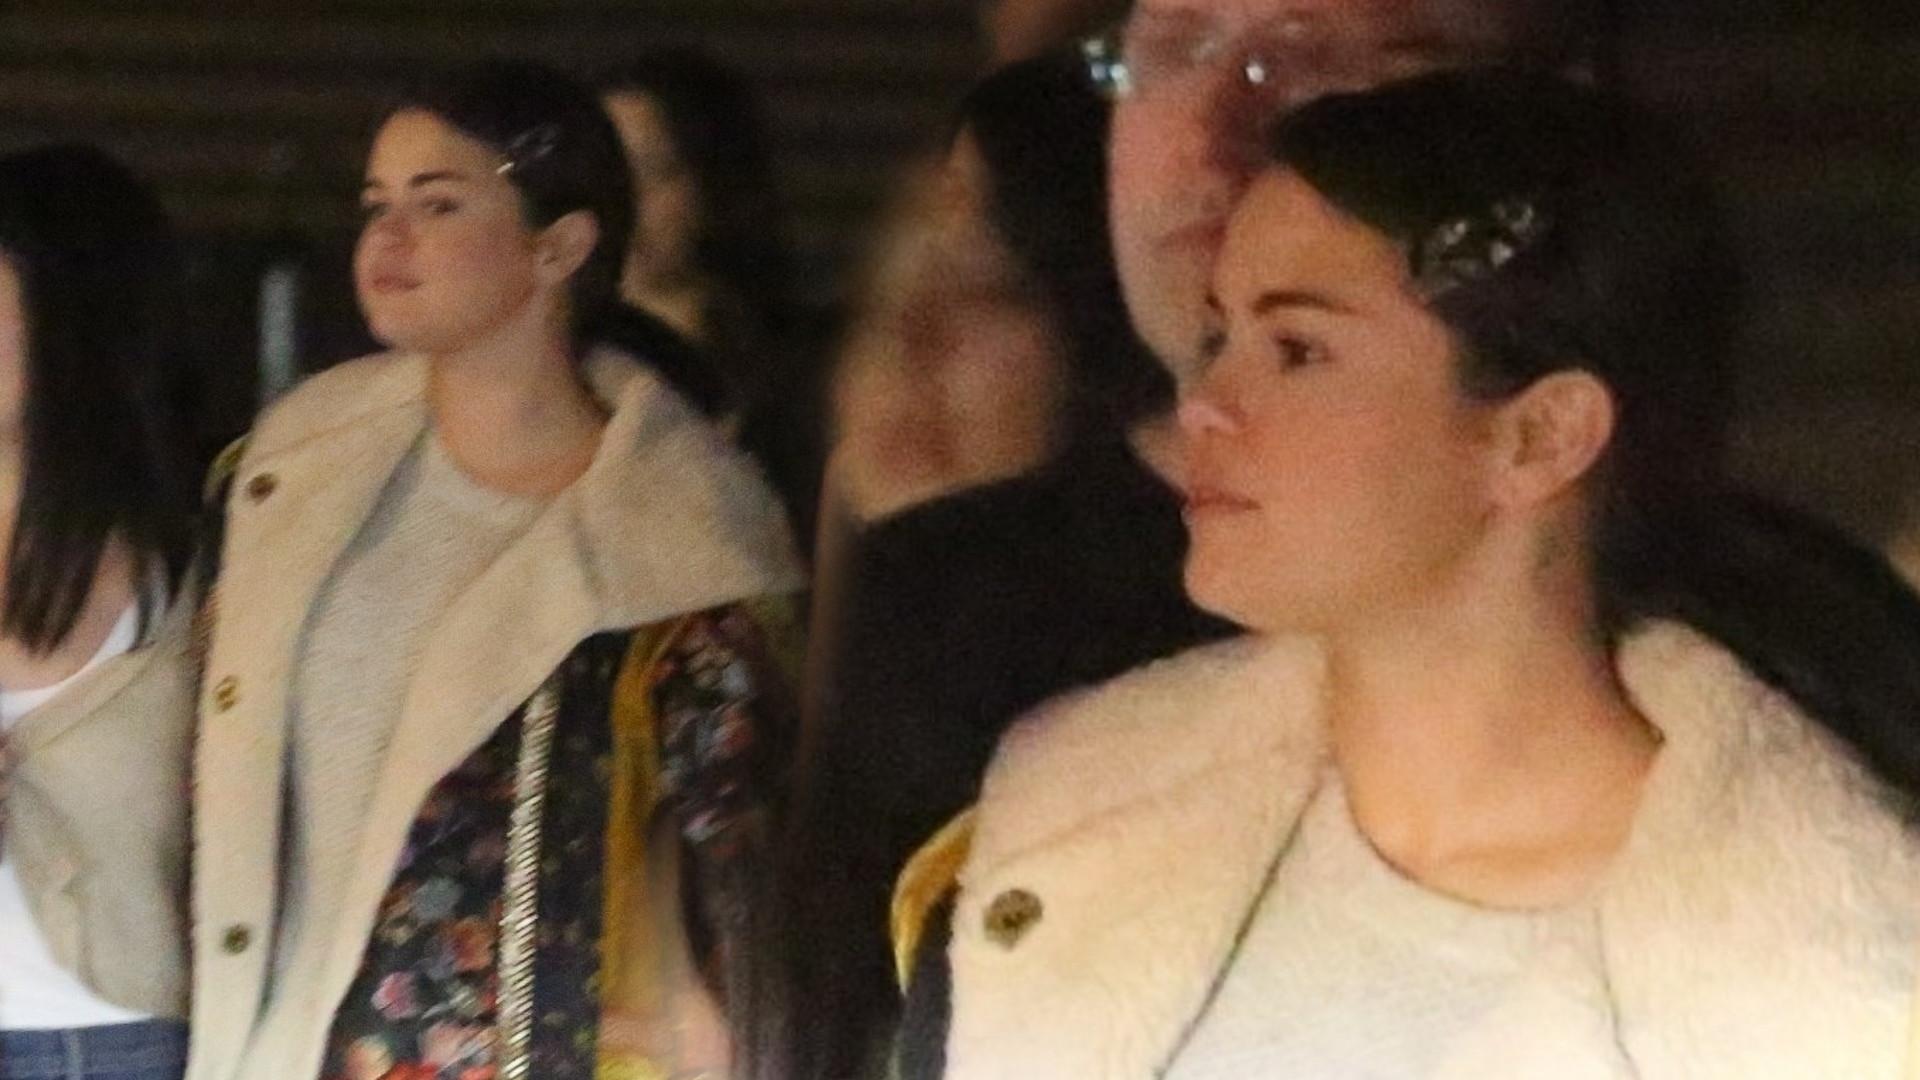 Zupełnie odmieniona Selena Gomez. Nie spodziewacie się, co miała na sobie! (ZDJĘCIA)